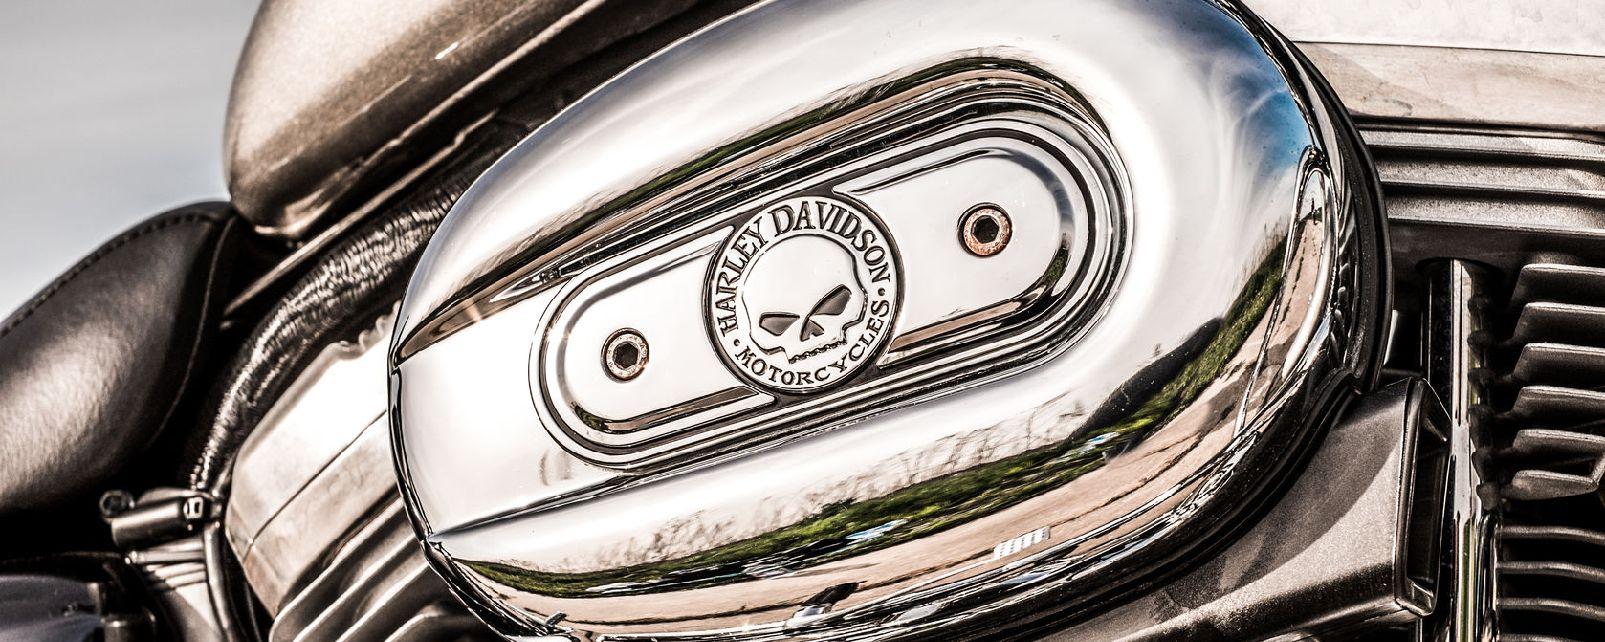 Le musée Harley-Davidson , Etats-Unis